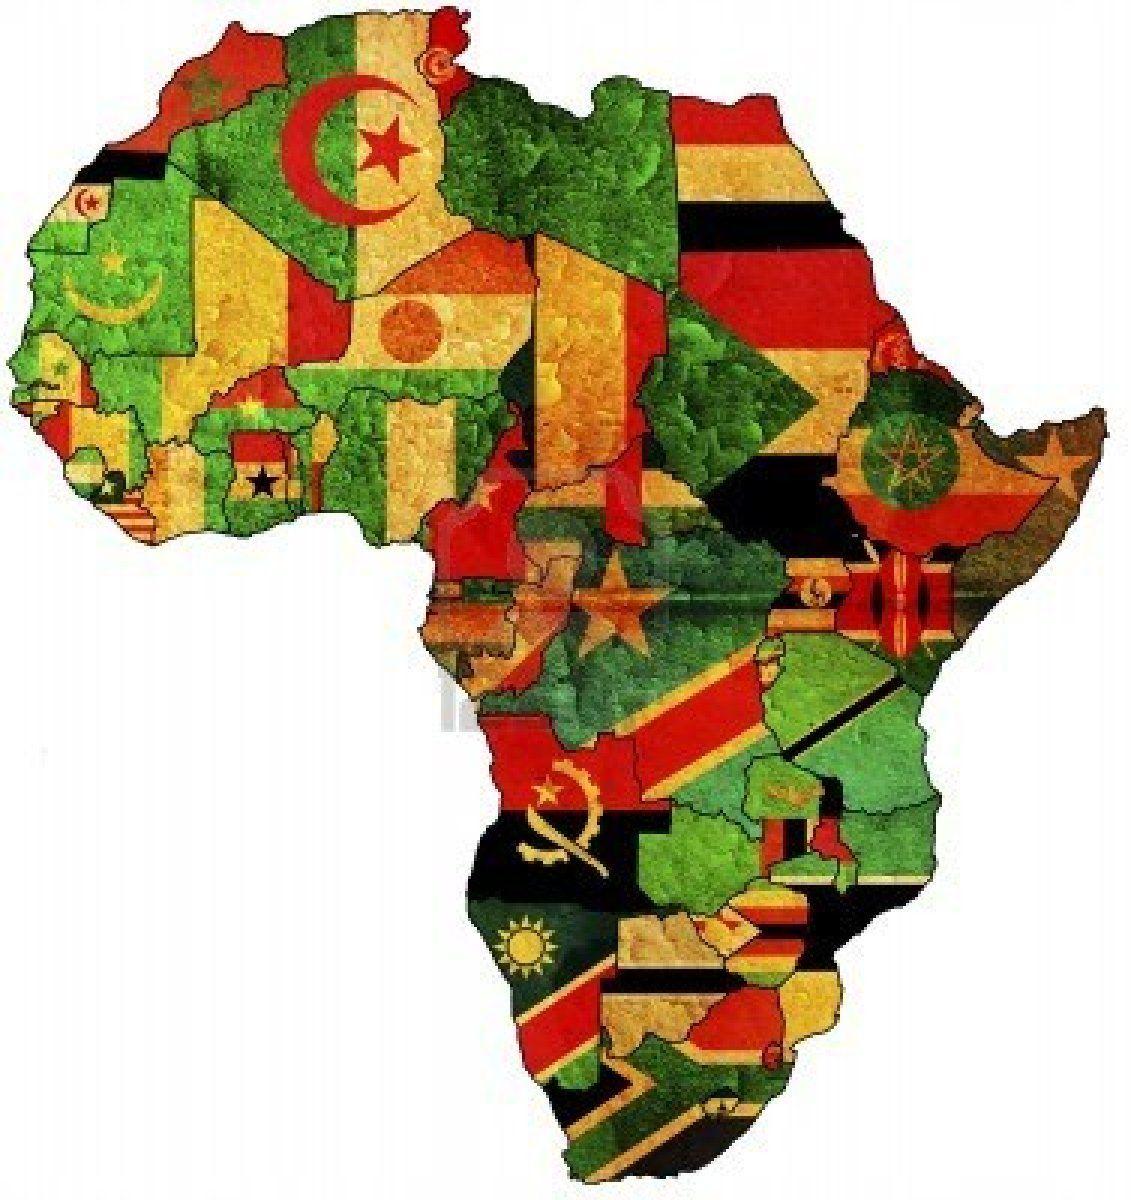 Quel pays d'Afrique a été victime d'une attaque terroriste faisant 36 victimes ?